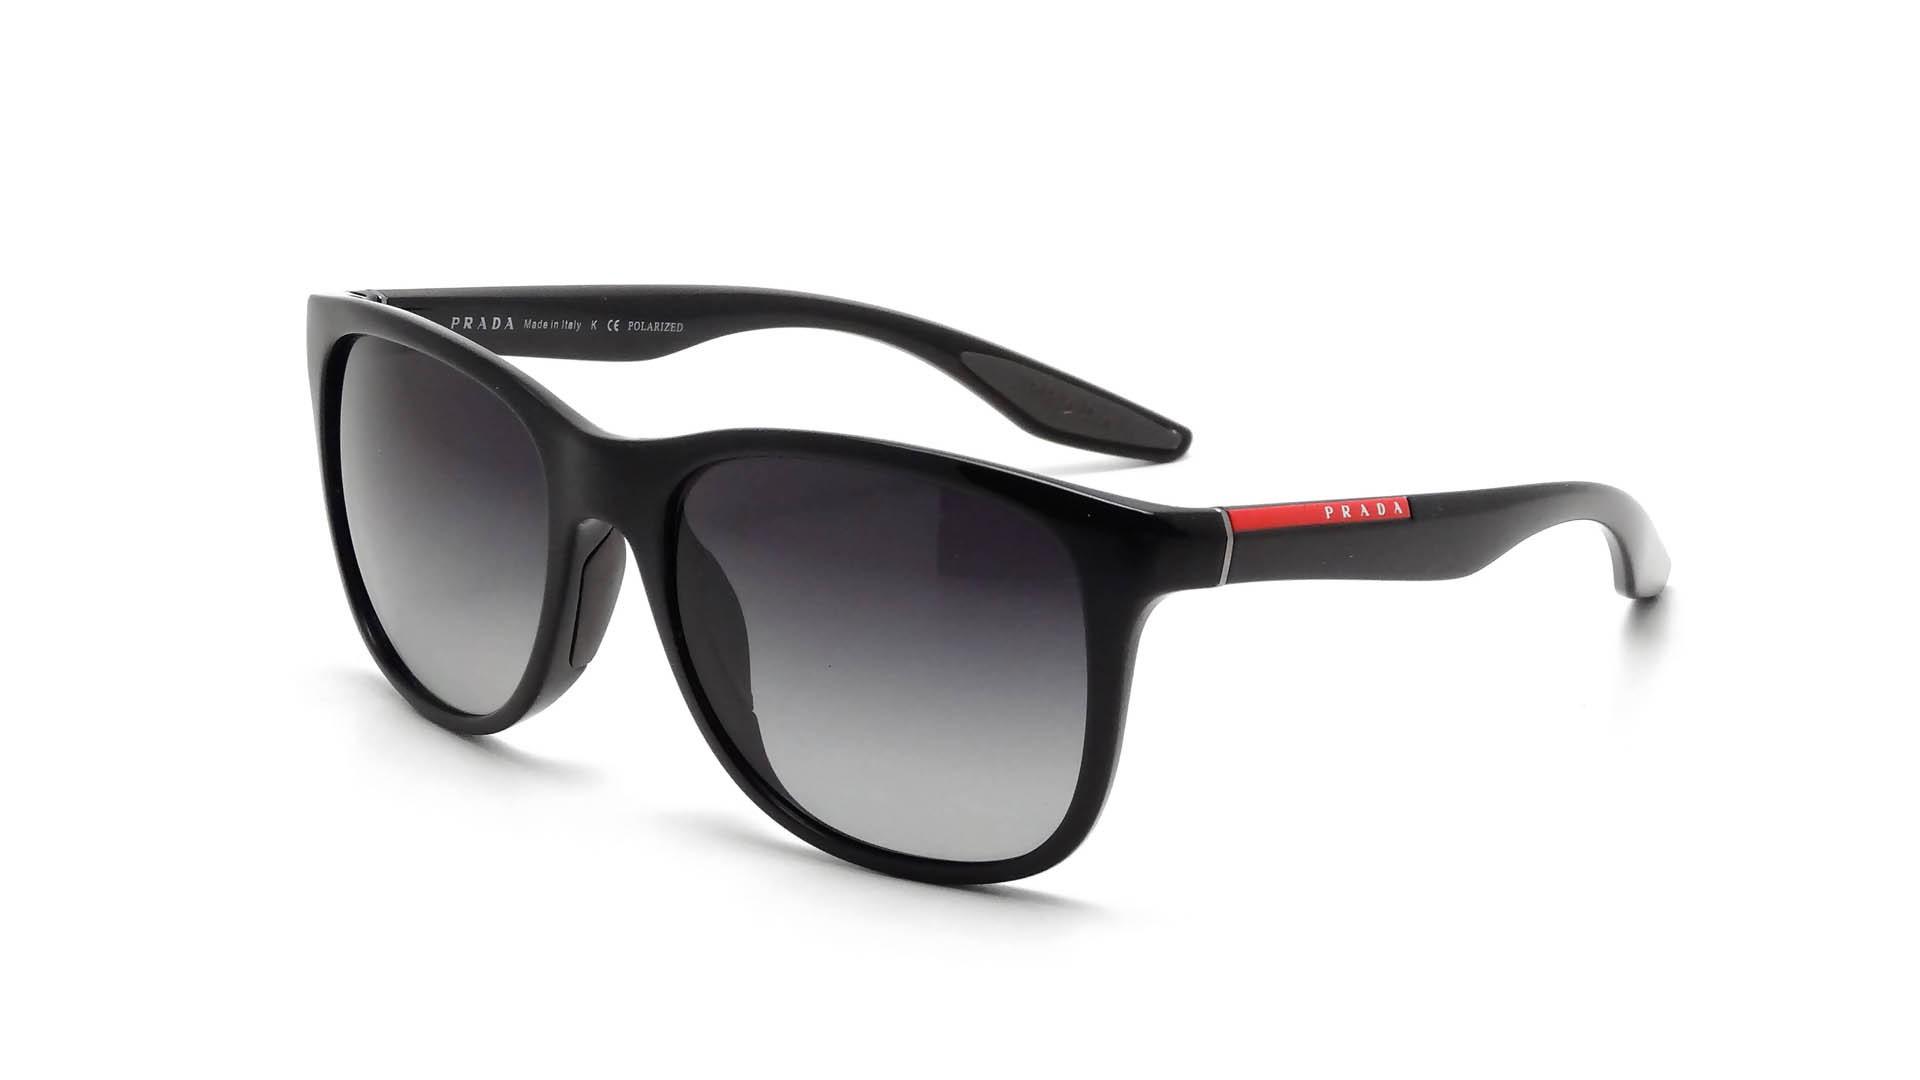 9e247601e30 ... mens prada sunglasses 5af65 e33ea cheap sunglasses prada linea rossa  ps03os 1ab5w1 55 18 black medium polarized gradient a1f9a ecffa ...